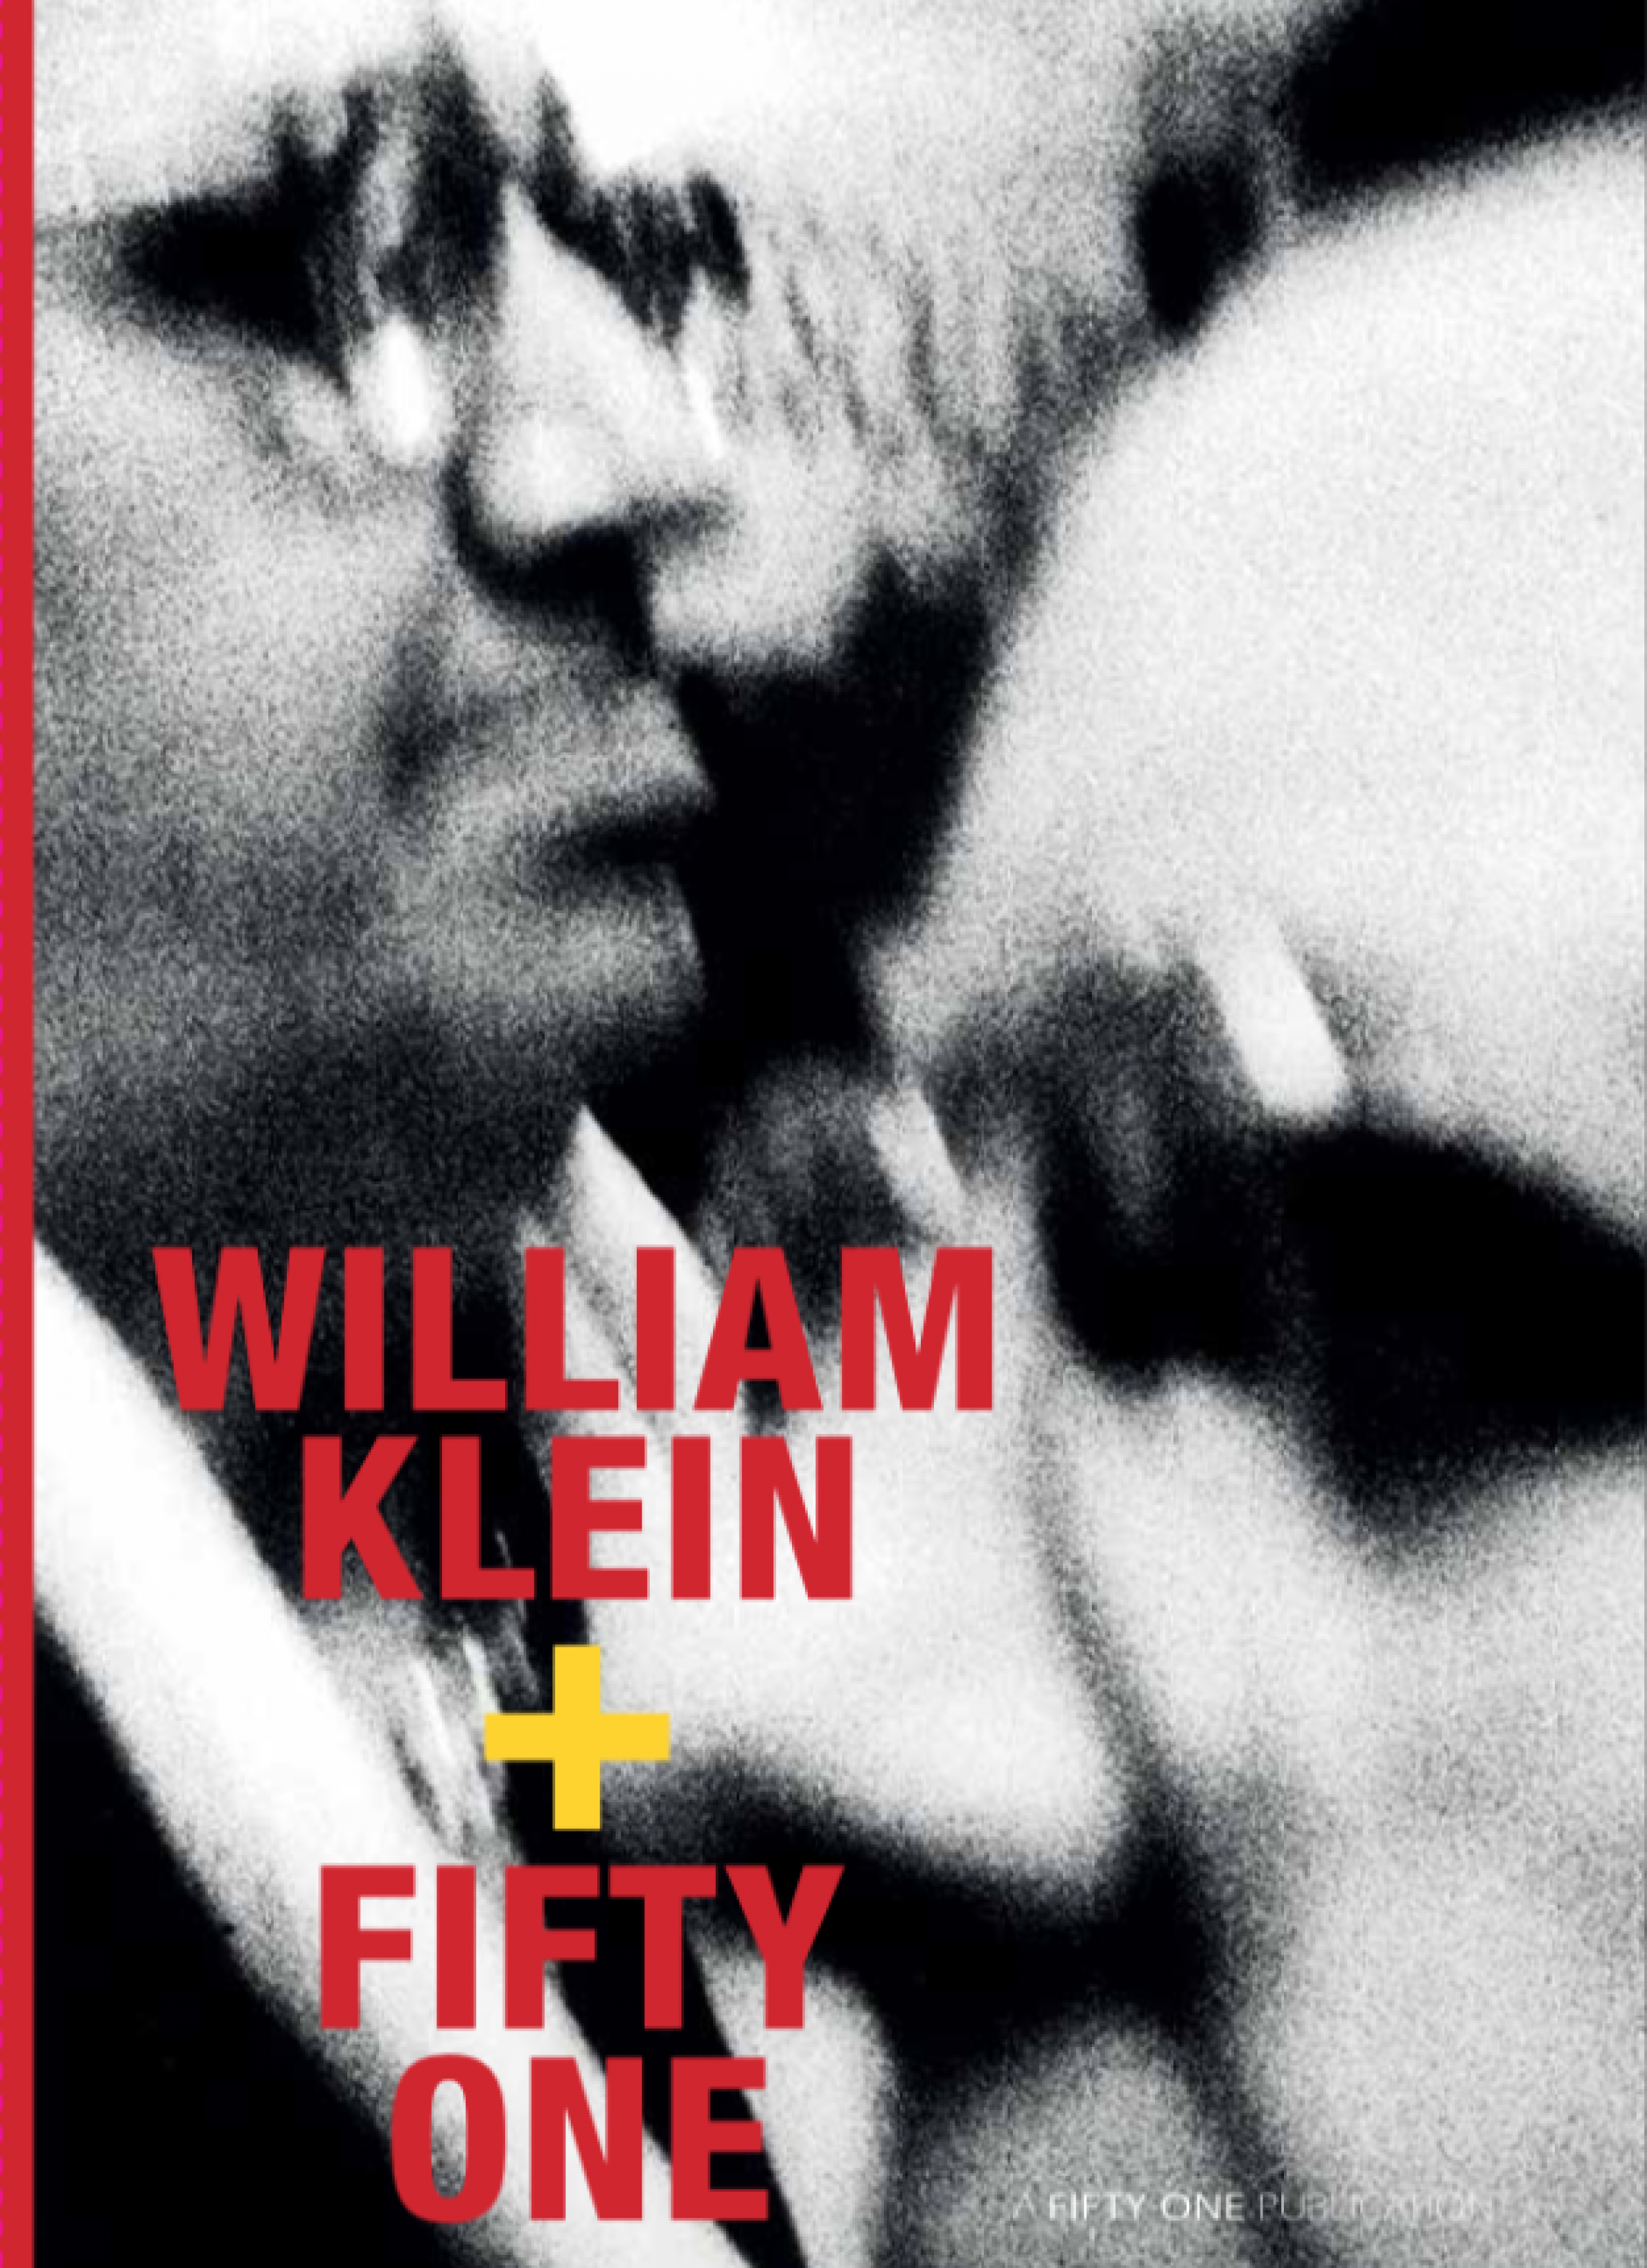 William Klein: WILLIAM KLEIN + FIFTY ONE